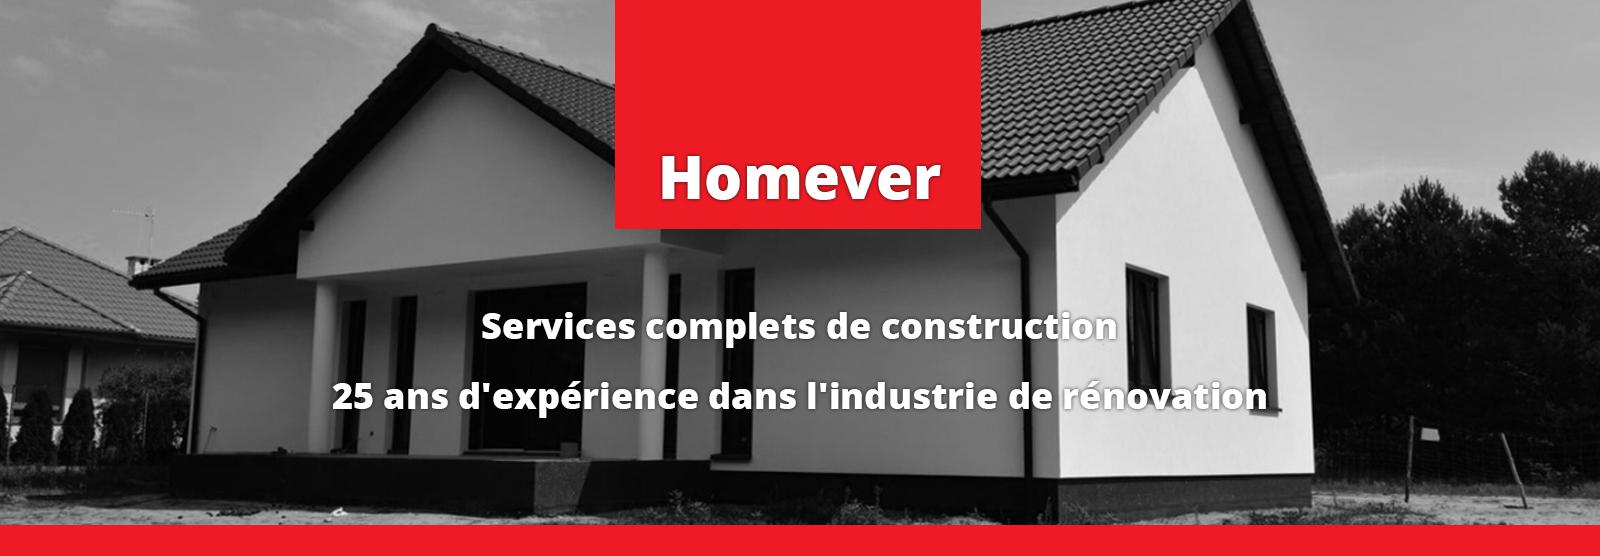 Homever